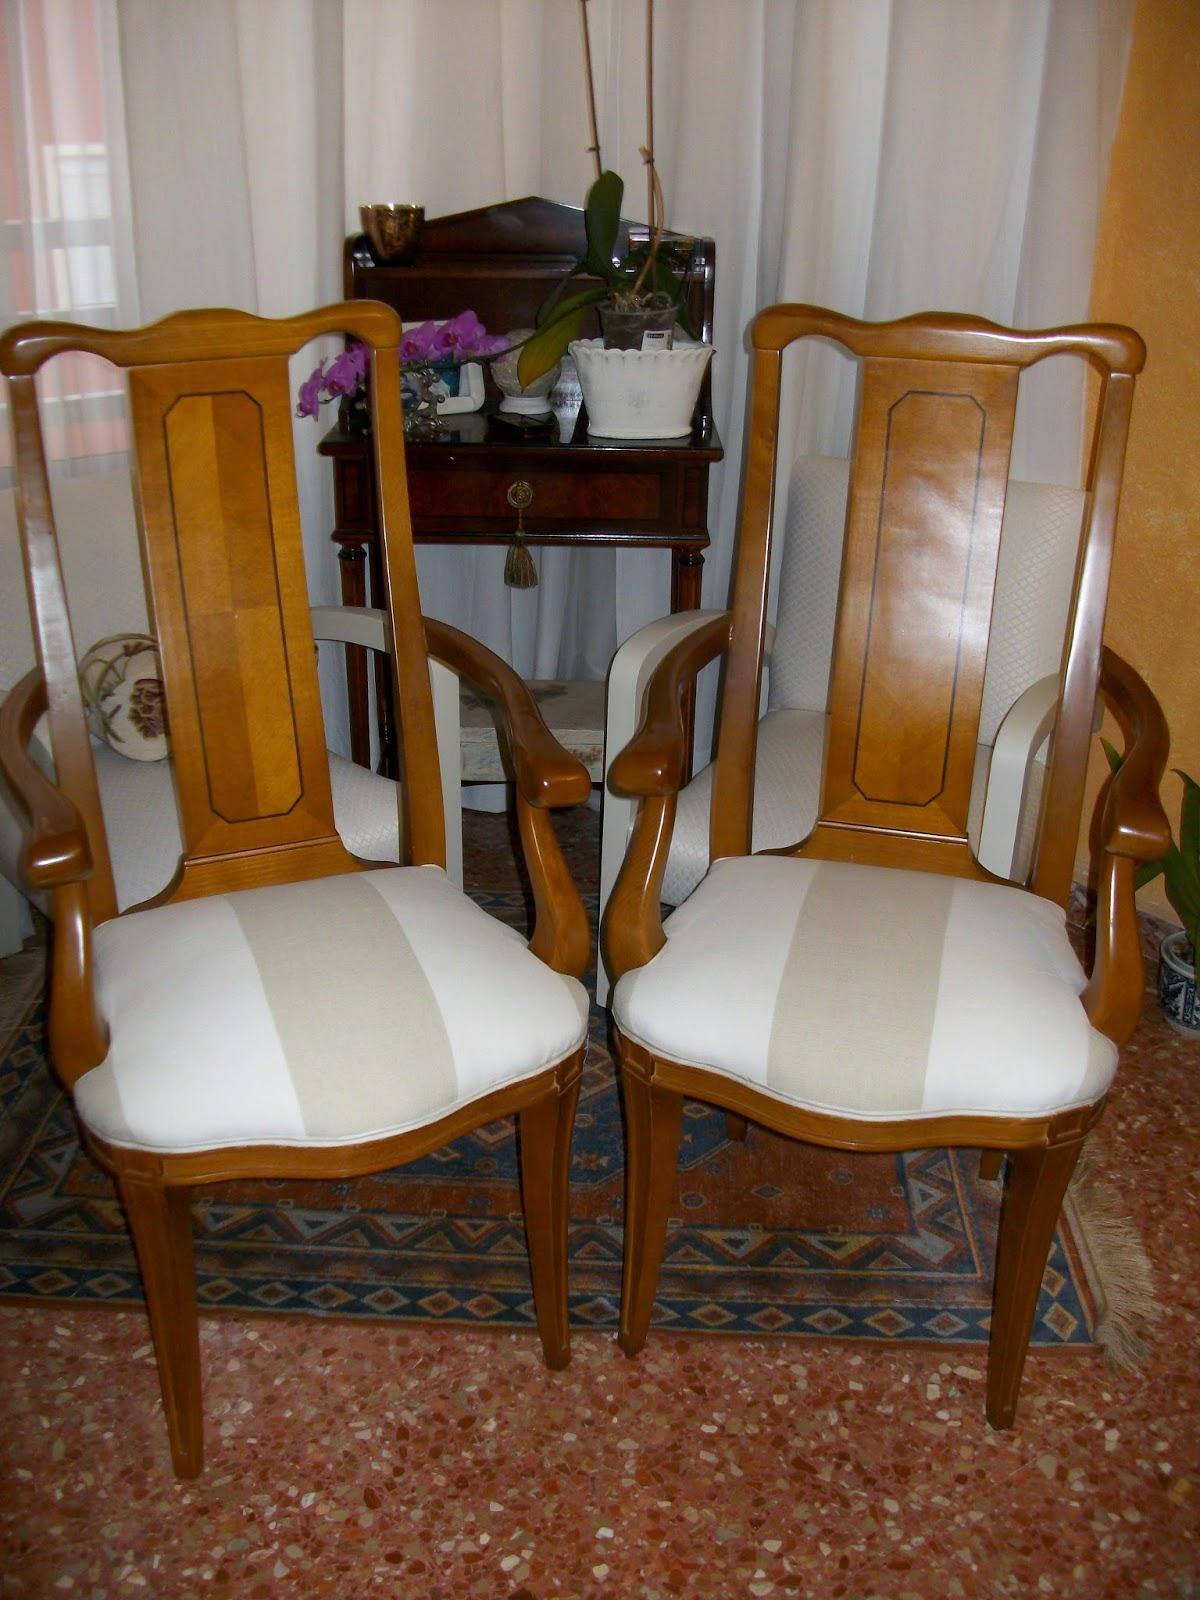 El blog de la restauradora tapizado de dos sillas de comedor con brazos - Tapizado de sillas de comedor ...